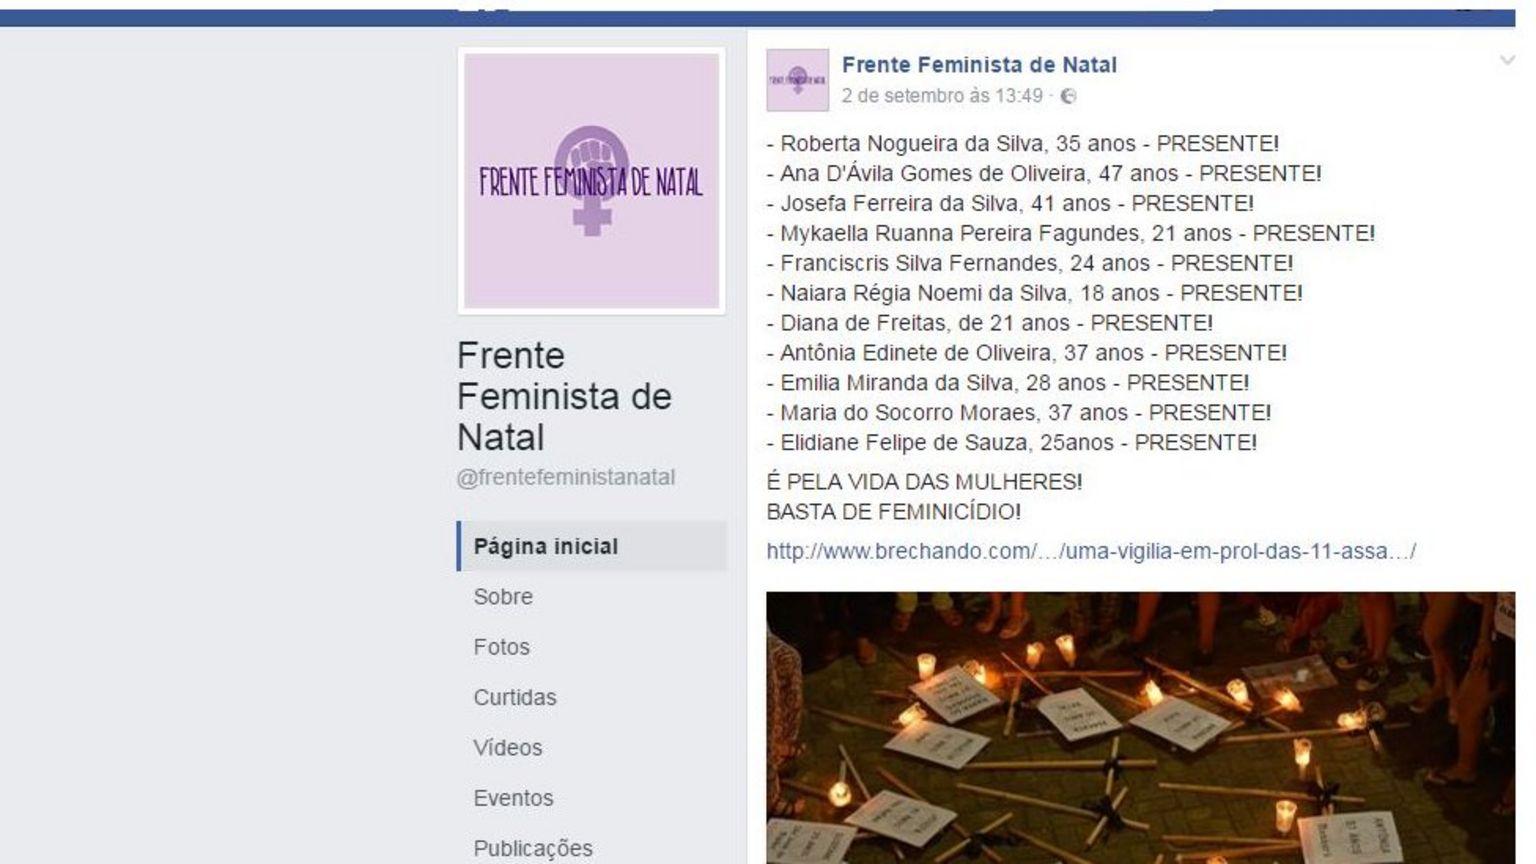 Rede Feminista de Natal faz homenagens a vítimas de feminicídio